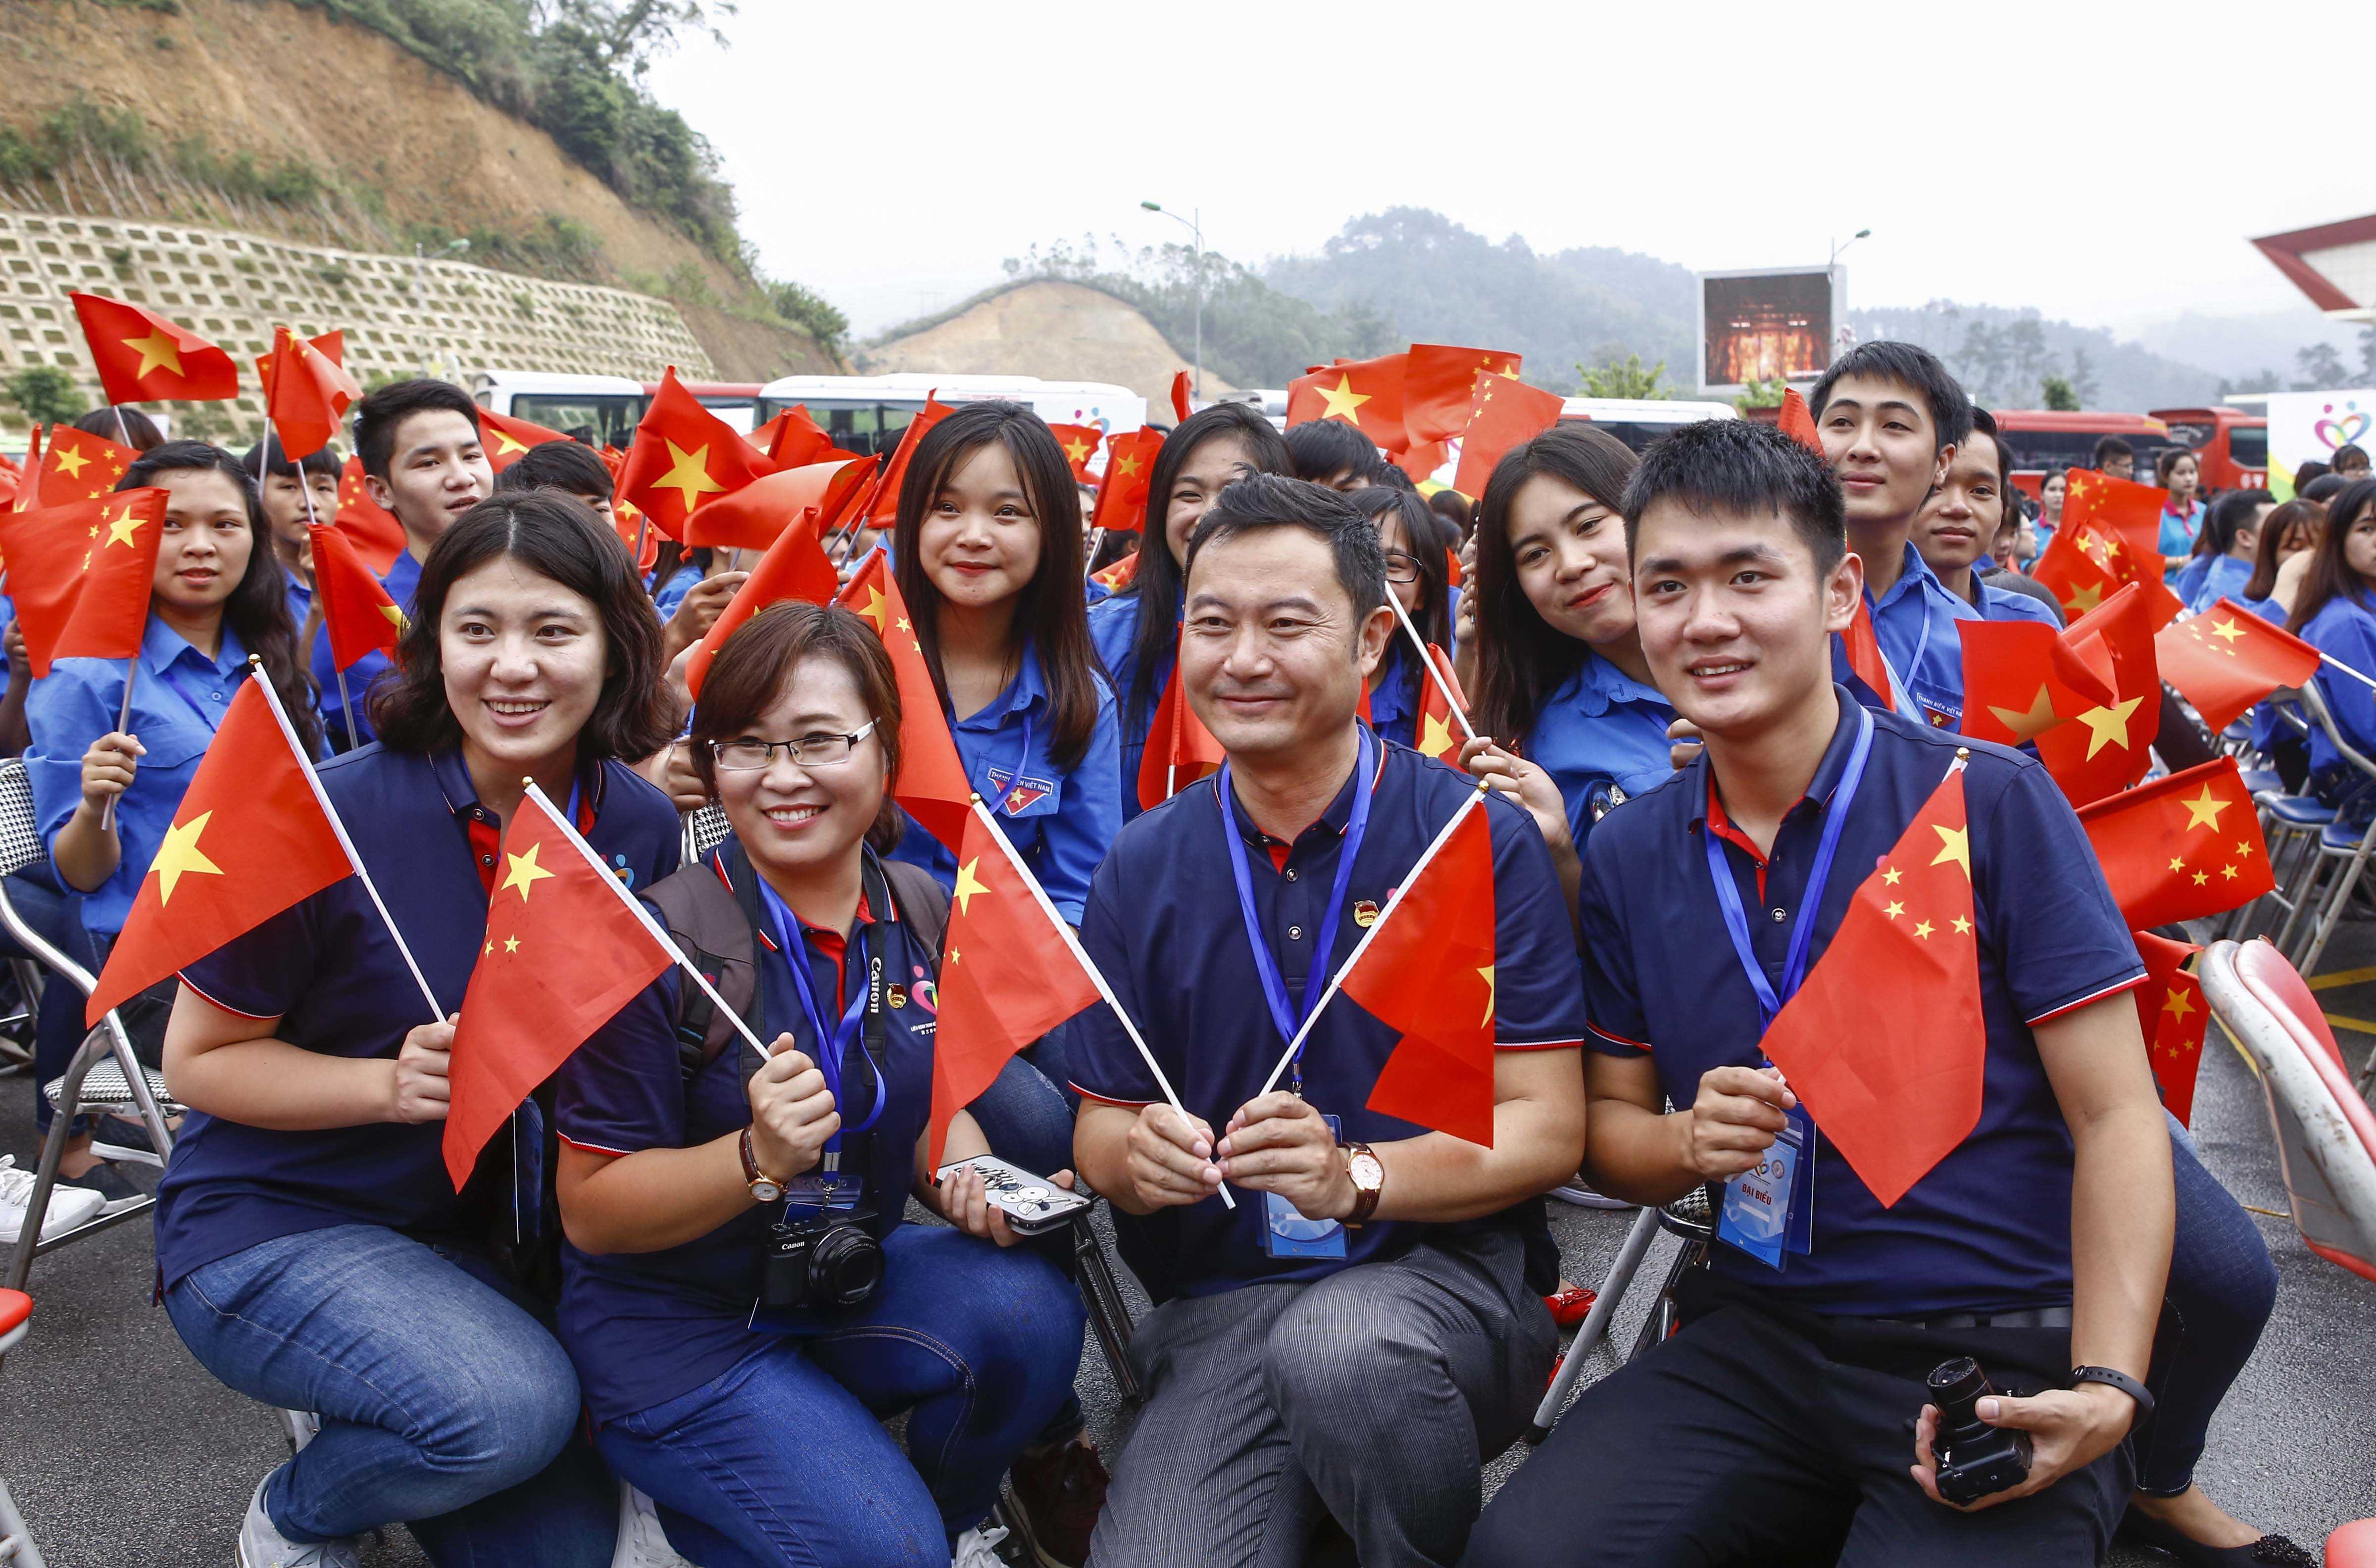 0568 - Khởi động Liên hoan Thanh niên Việt Nam - Trung Quốc lần thứ III